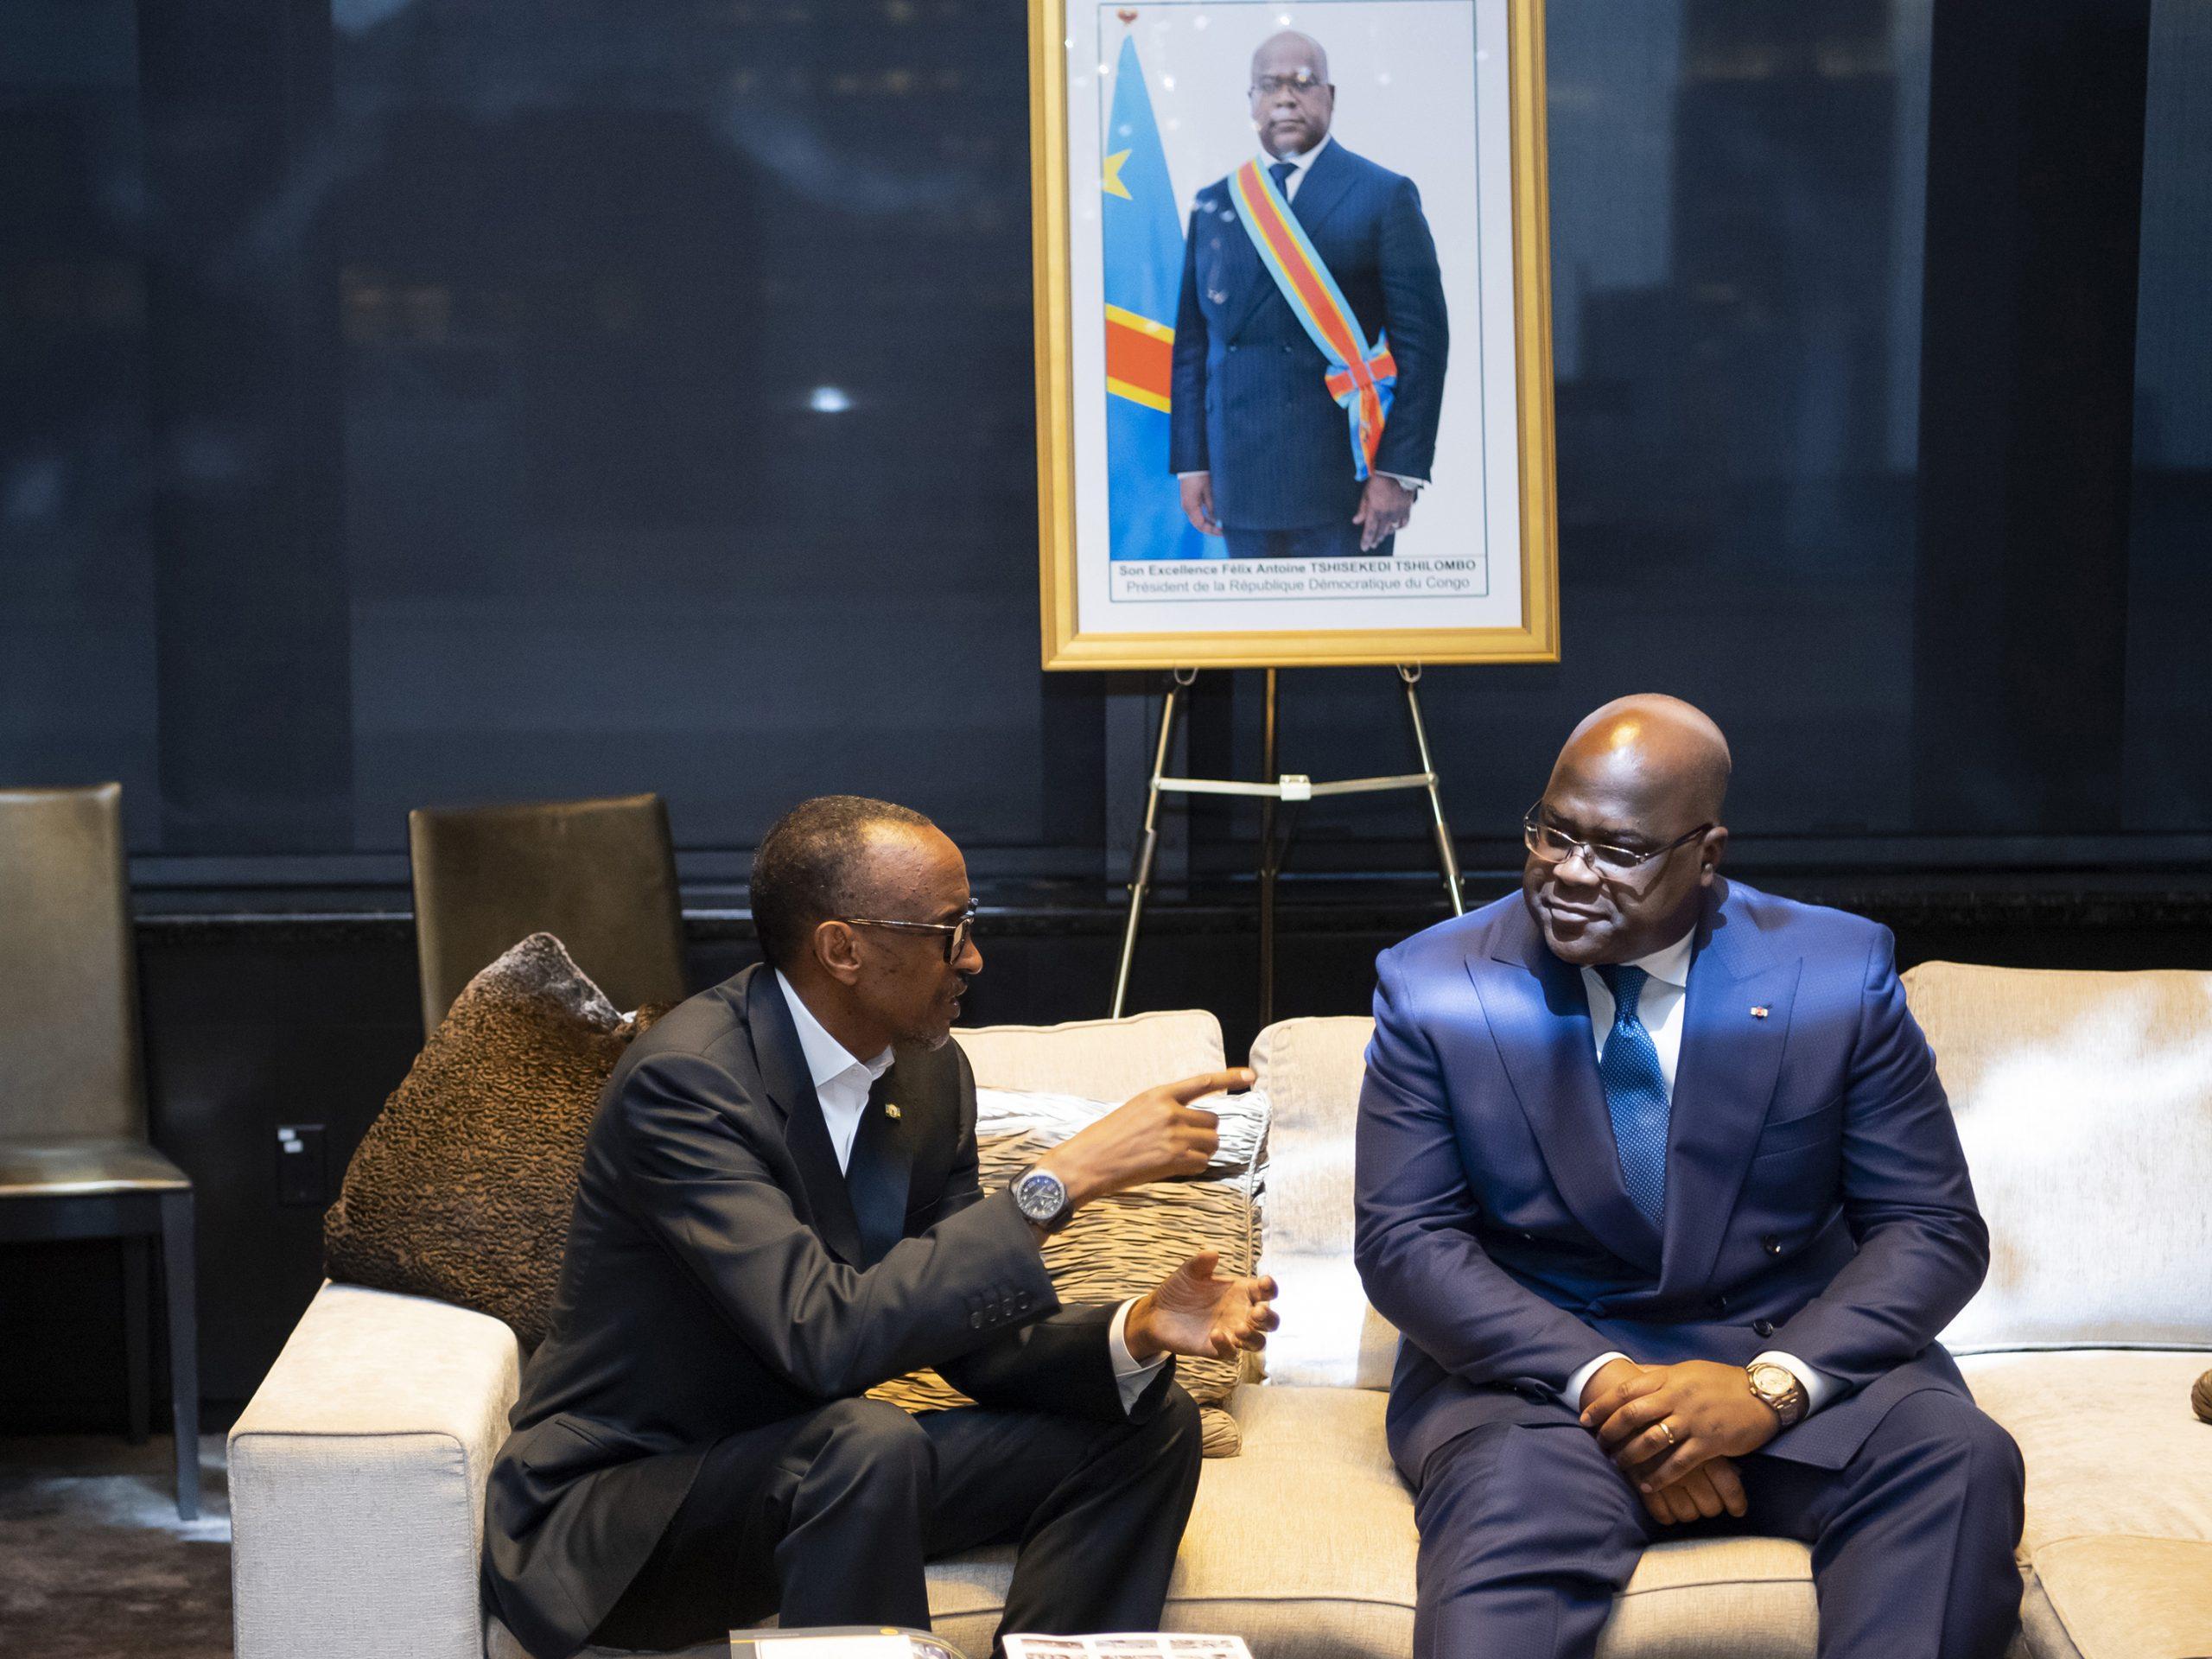 Le président rwandais Paul Kagame rencontre son homologue congolais Félix Tshisekedi, le 24 septembre 2019.